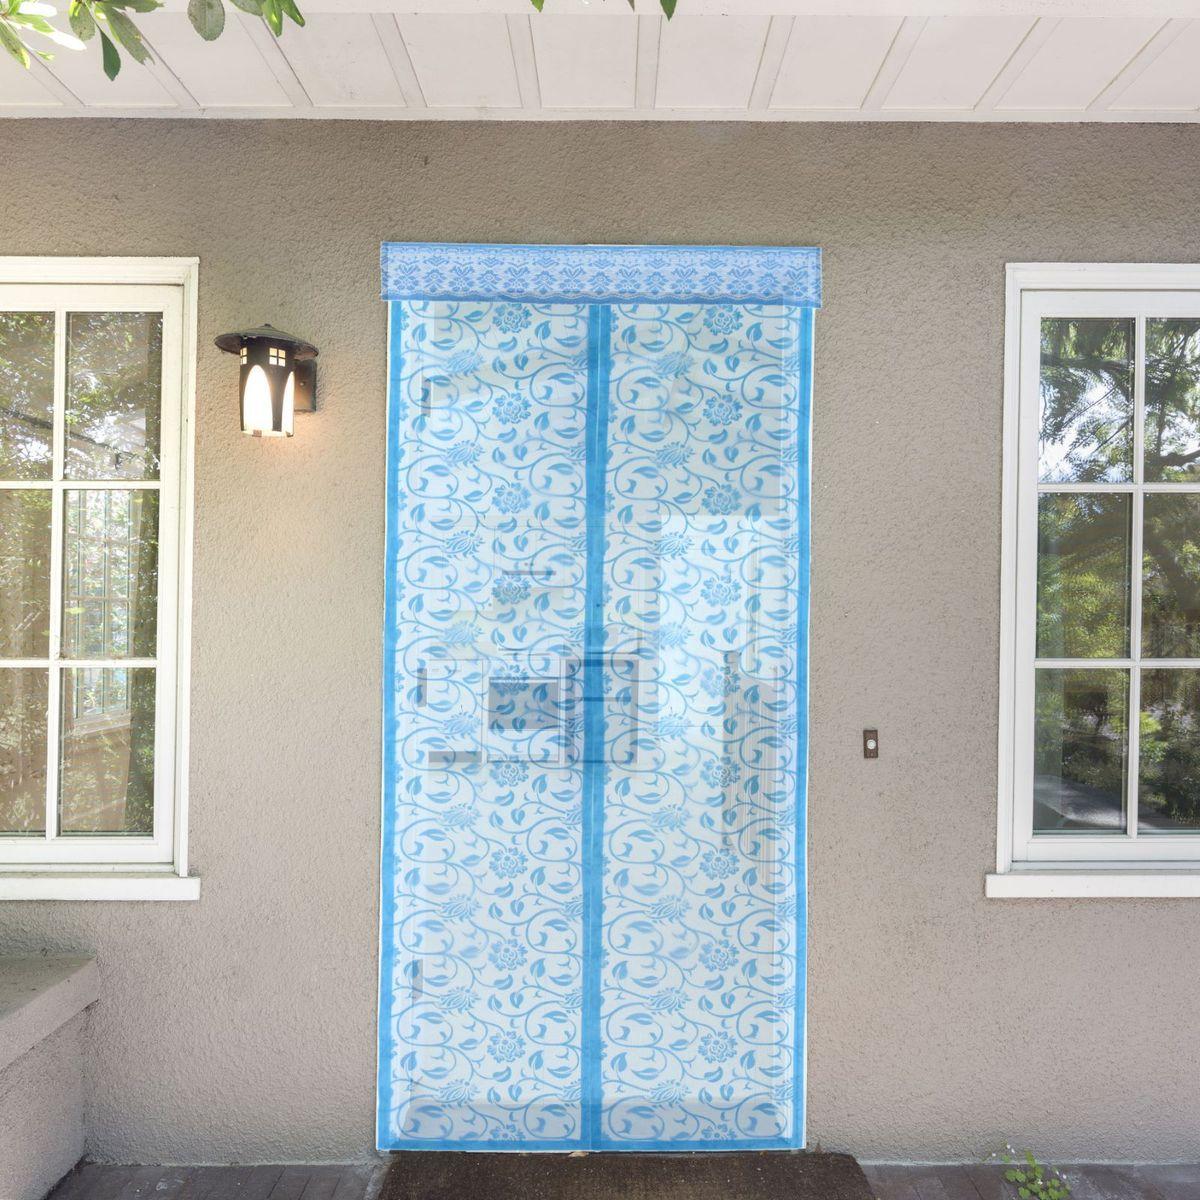 Сетка антимоскитная Цветочный узор, на магнитной ленте, цвет: голубой, 80 х 210 см1207610Занавес от насекомых на магнитной ленте универсален в использовании: подвесьте его при входе в садовый дом или балкон, чтобы предотвратить попадание комаров внутрь жилища. Наслаждайтесь свежим воздухом без компании надоедливых насекомых! Чтобы зафиксировать занавес в дверном проеме, достаточно закрепить занавеску по периметру двери с помощью кнопок, идущих в комплекте. В комплект входит: полиэстеровая сетка-штора (80 x 210 см) магнитная лента крепежные крючки. Принцип действия занавеса предельно прост: каждый раз, когда вы будете проходить сквозь шторы, они автоматически «захлопнутся» за вами благодаря магнитам, расположенным по всей его длине.